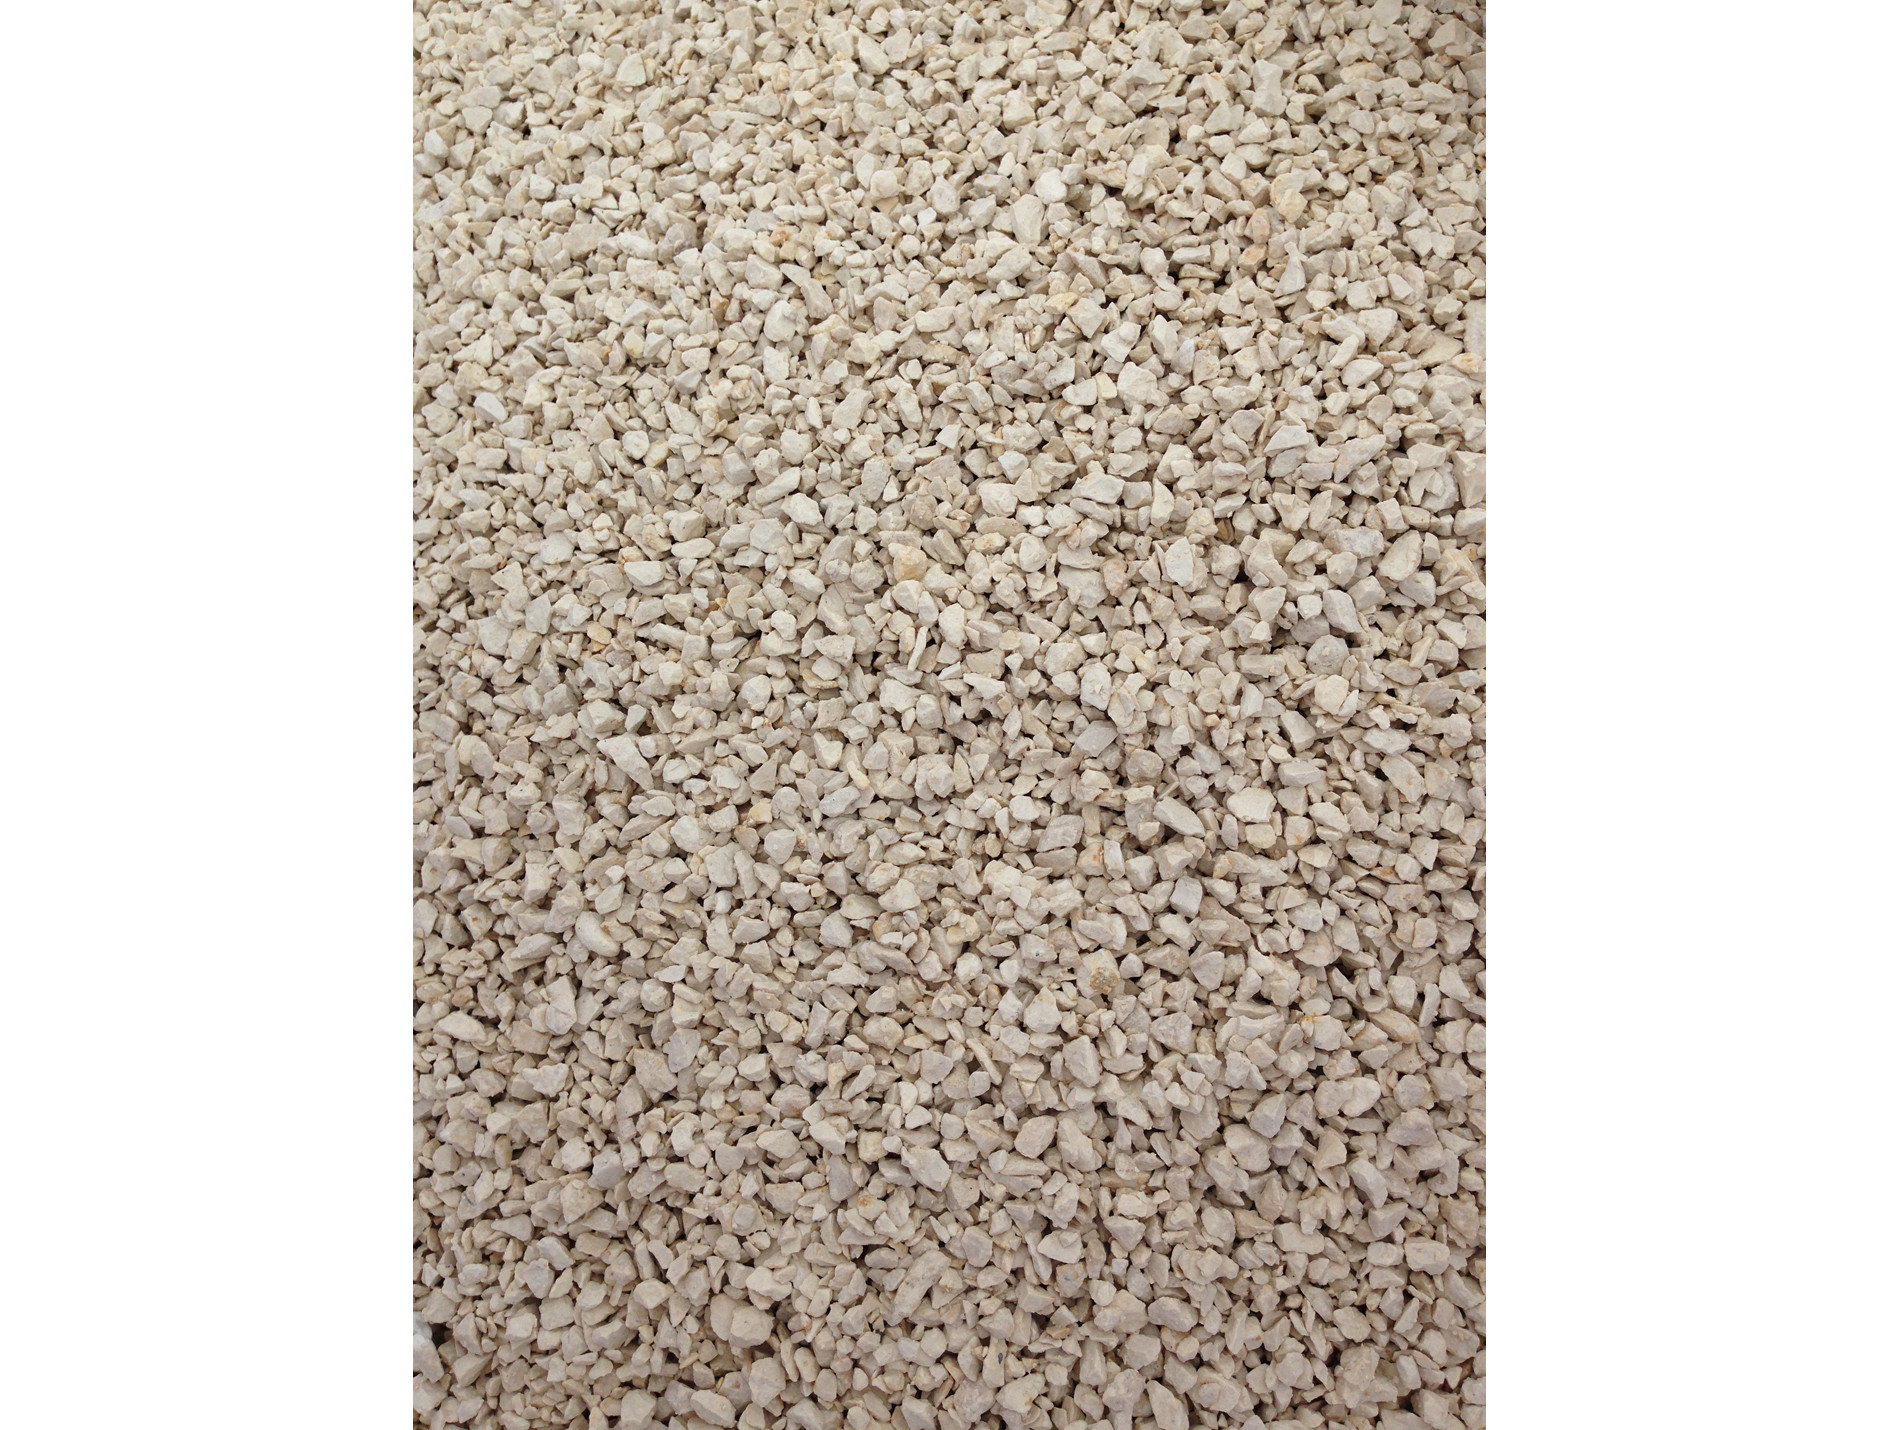 Amenagement Exterieur Galet Blanc gravillon calcaire blanc concassé 6/10 25kg - gravier, galet